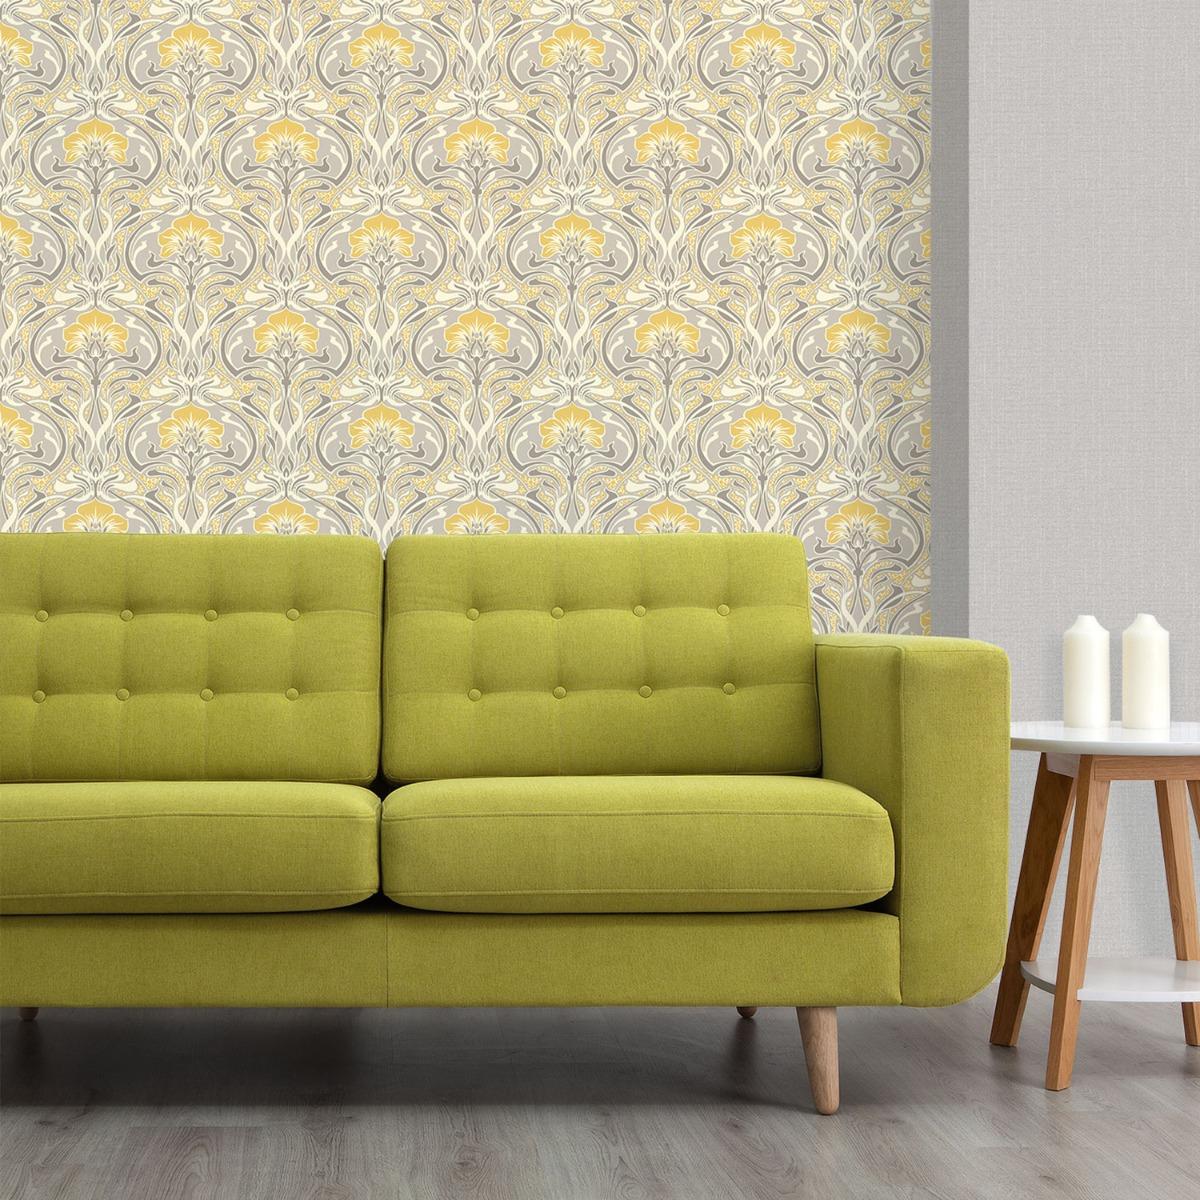 Crown Archives Flora Nouveau Wallpaper Yellow M1195